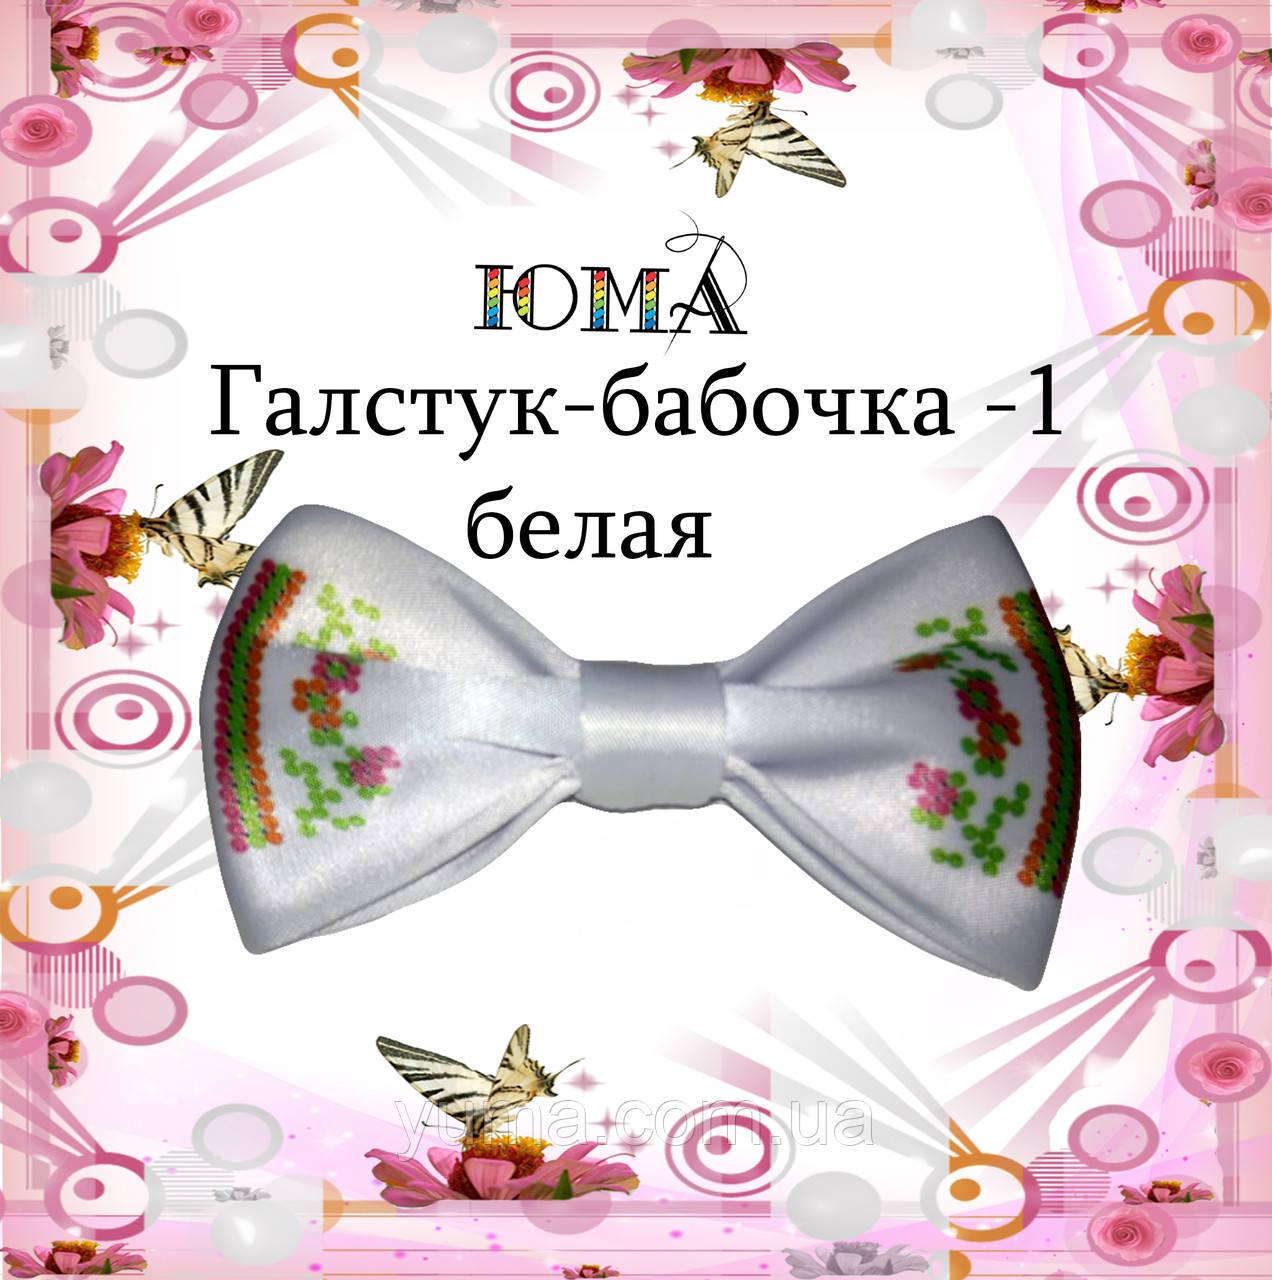 Галстук -бабочка для вышивки белая 1